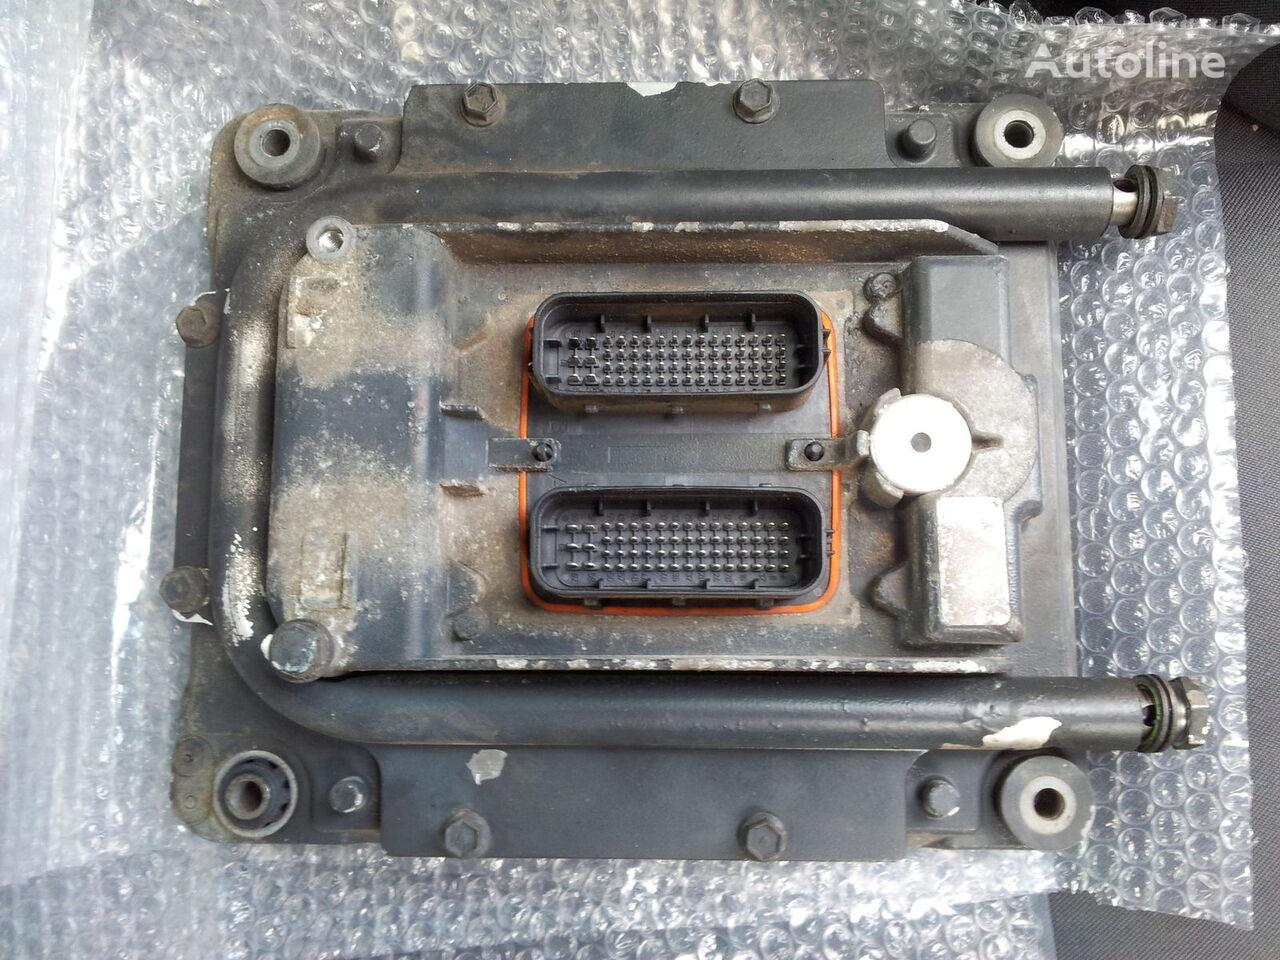 ελκυστήρας RENAULT  Magnum DXI ECU για μονάδα ελέγχου  Renault Magnum DXI, engine control unit, EDC, ECU, 20977019 P03